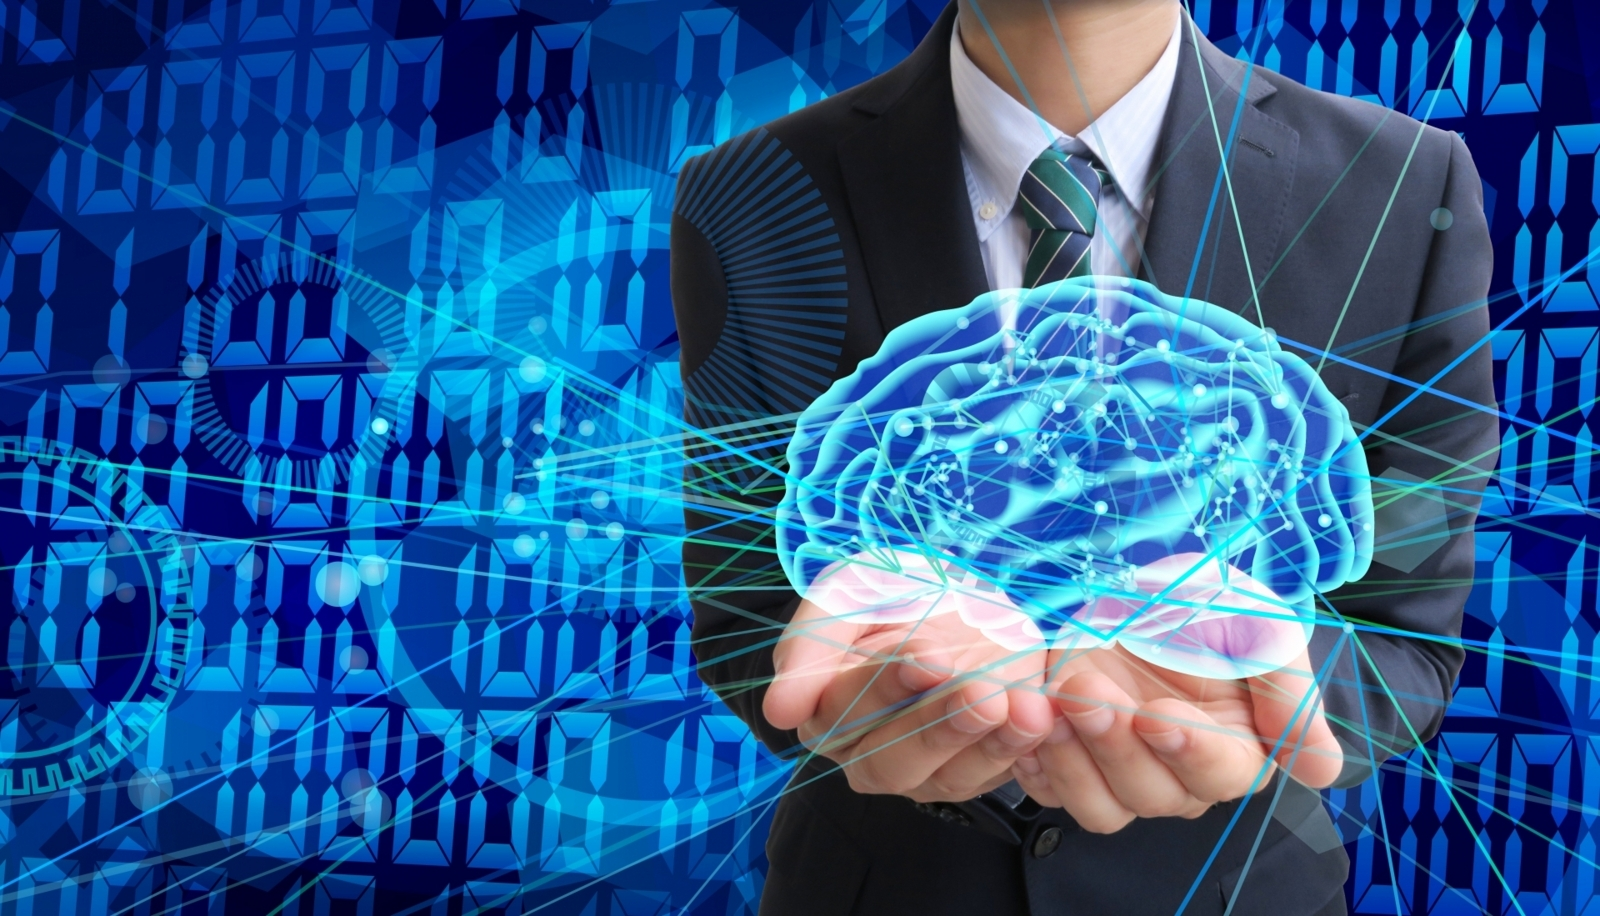 20171102104627 - 今日はちょっとやっかい「脳科学と量子力学」について(1)